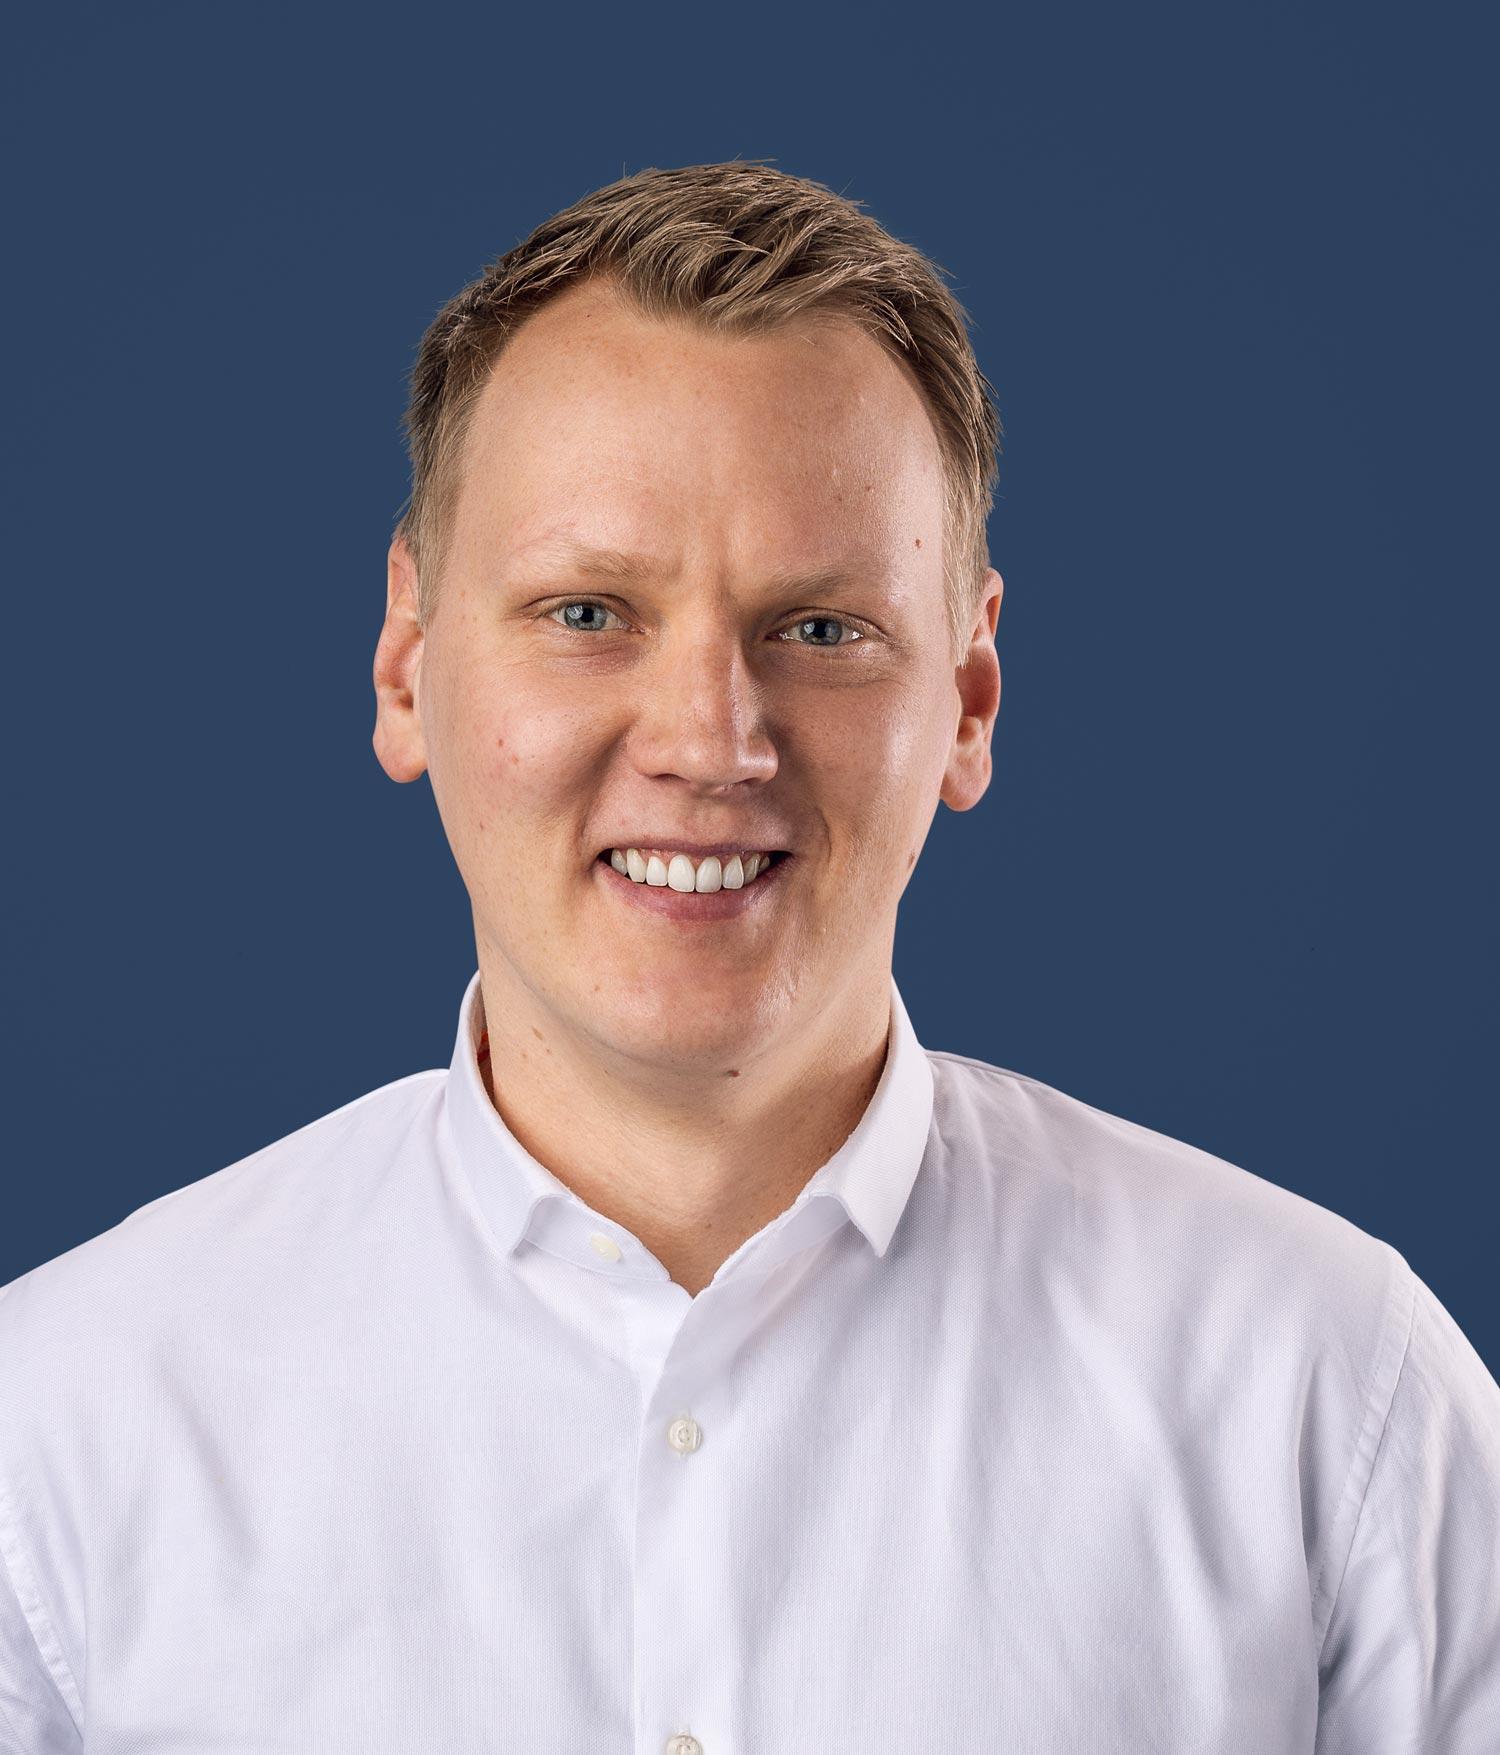 Jan-Phillip Staack